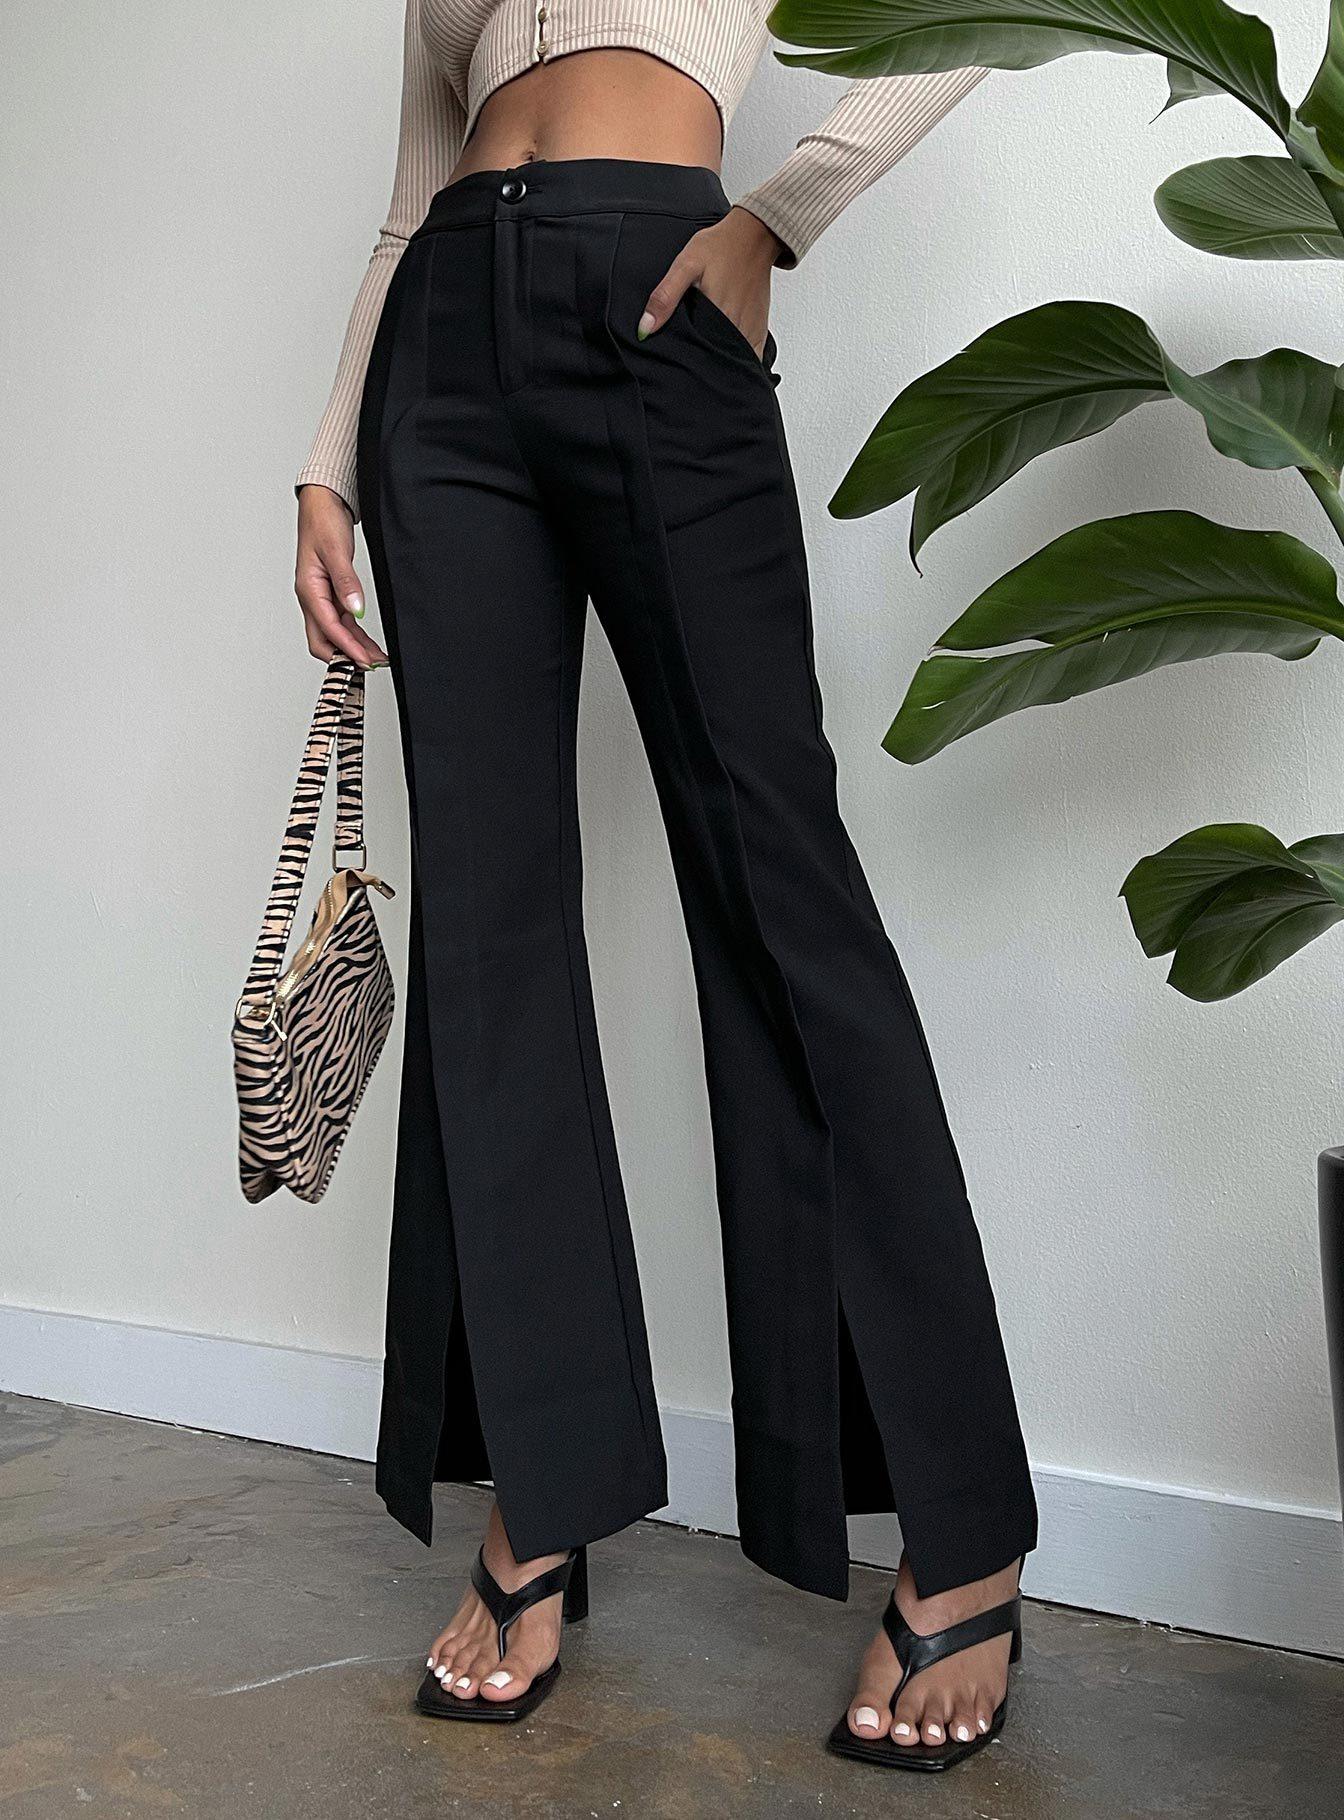 Pants (Side B)